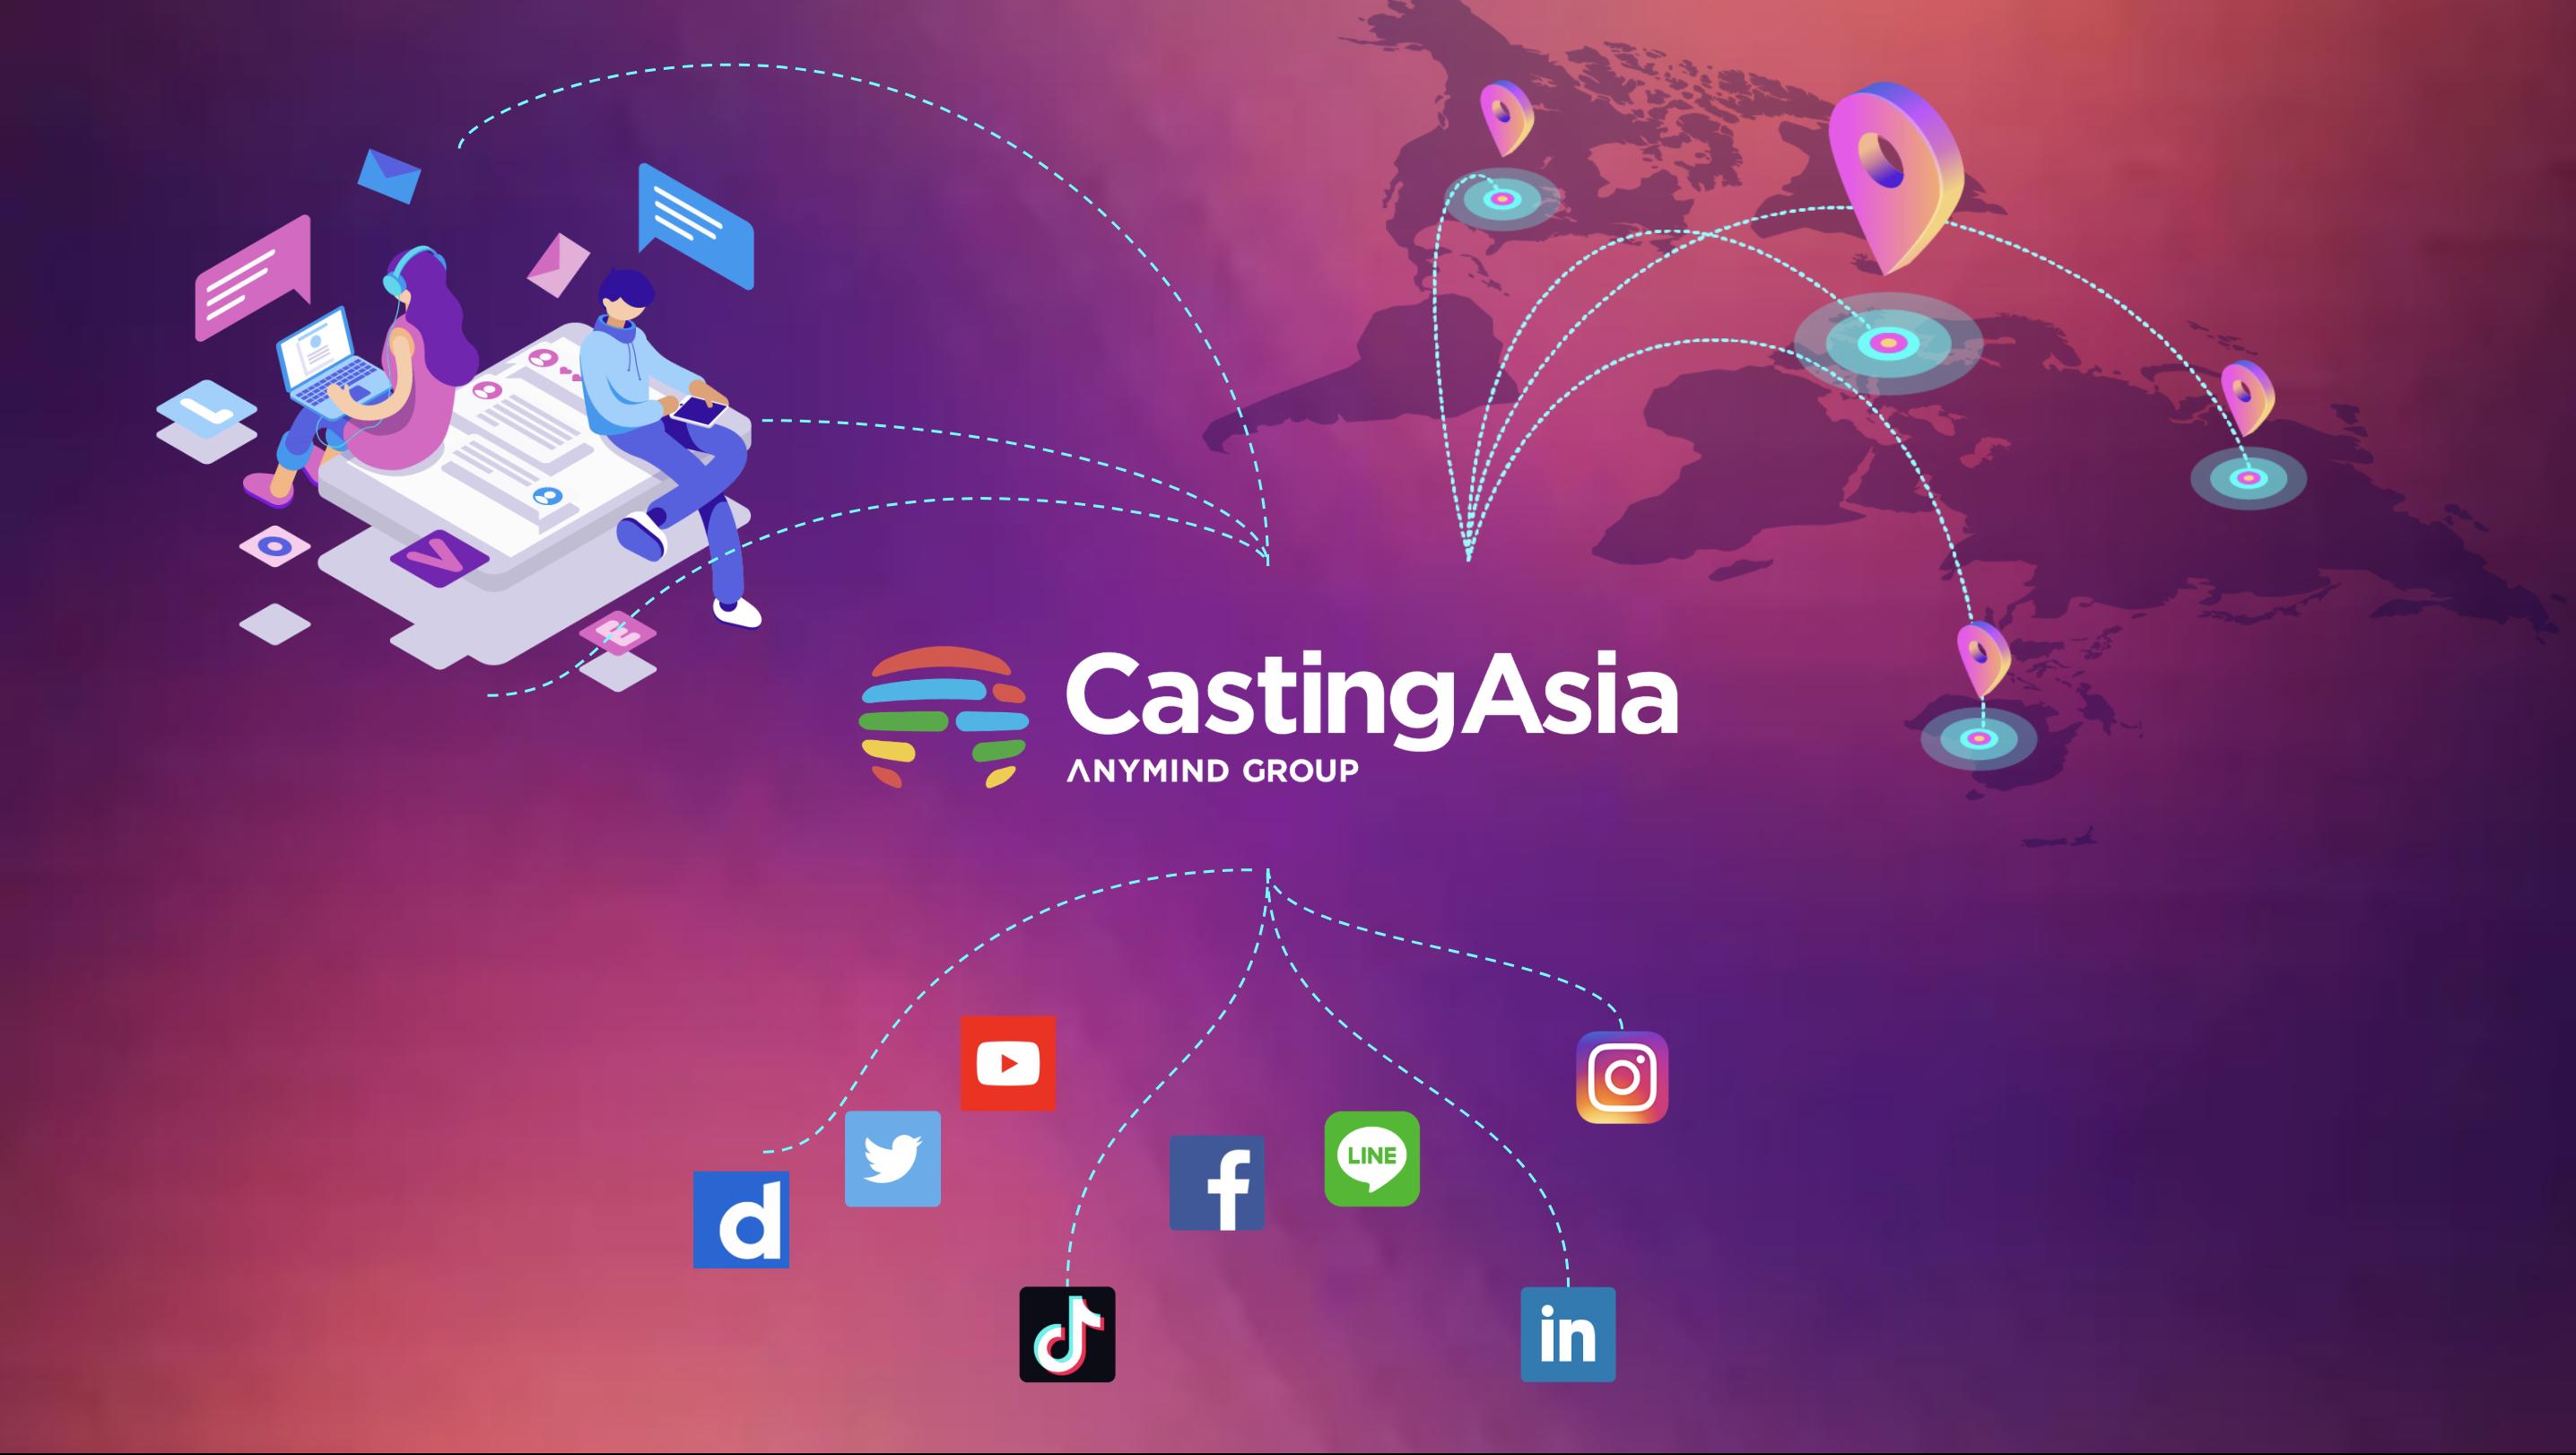 CastingAsia